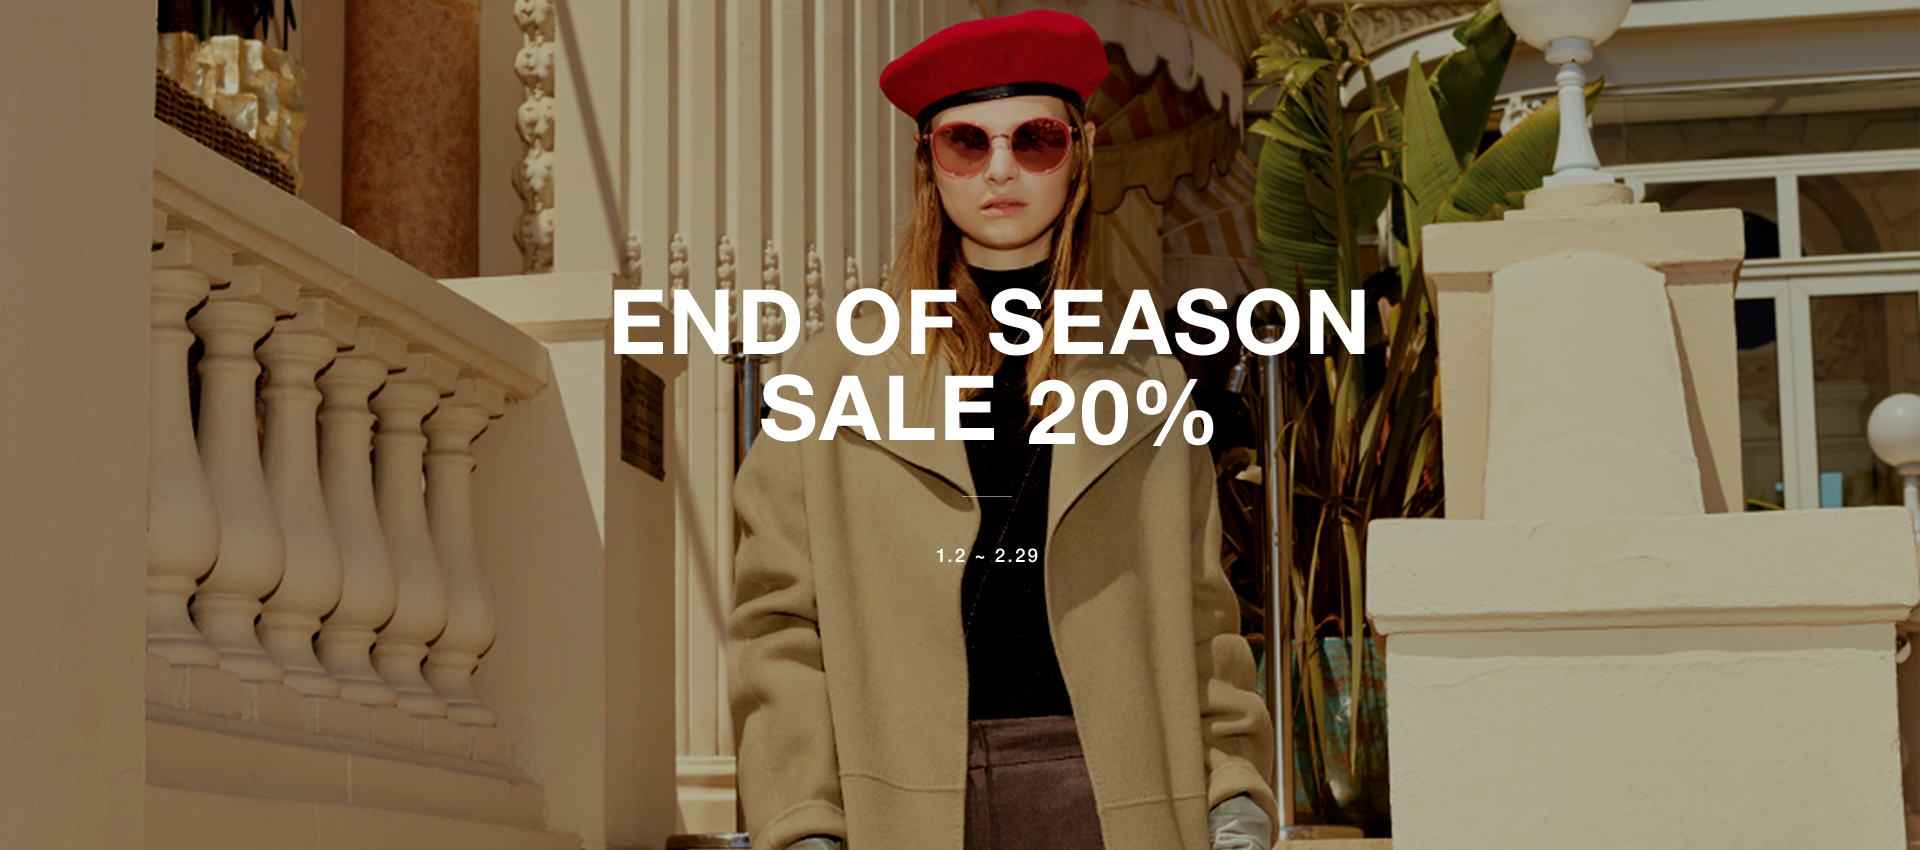 END OF SEASON SALE 20%